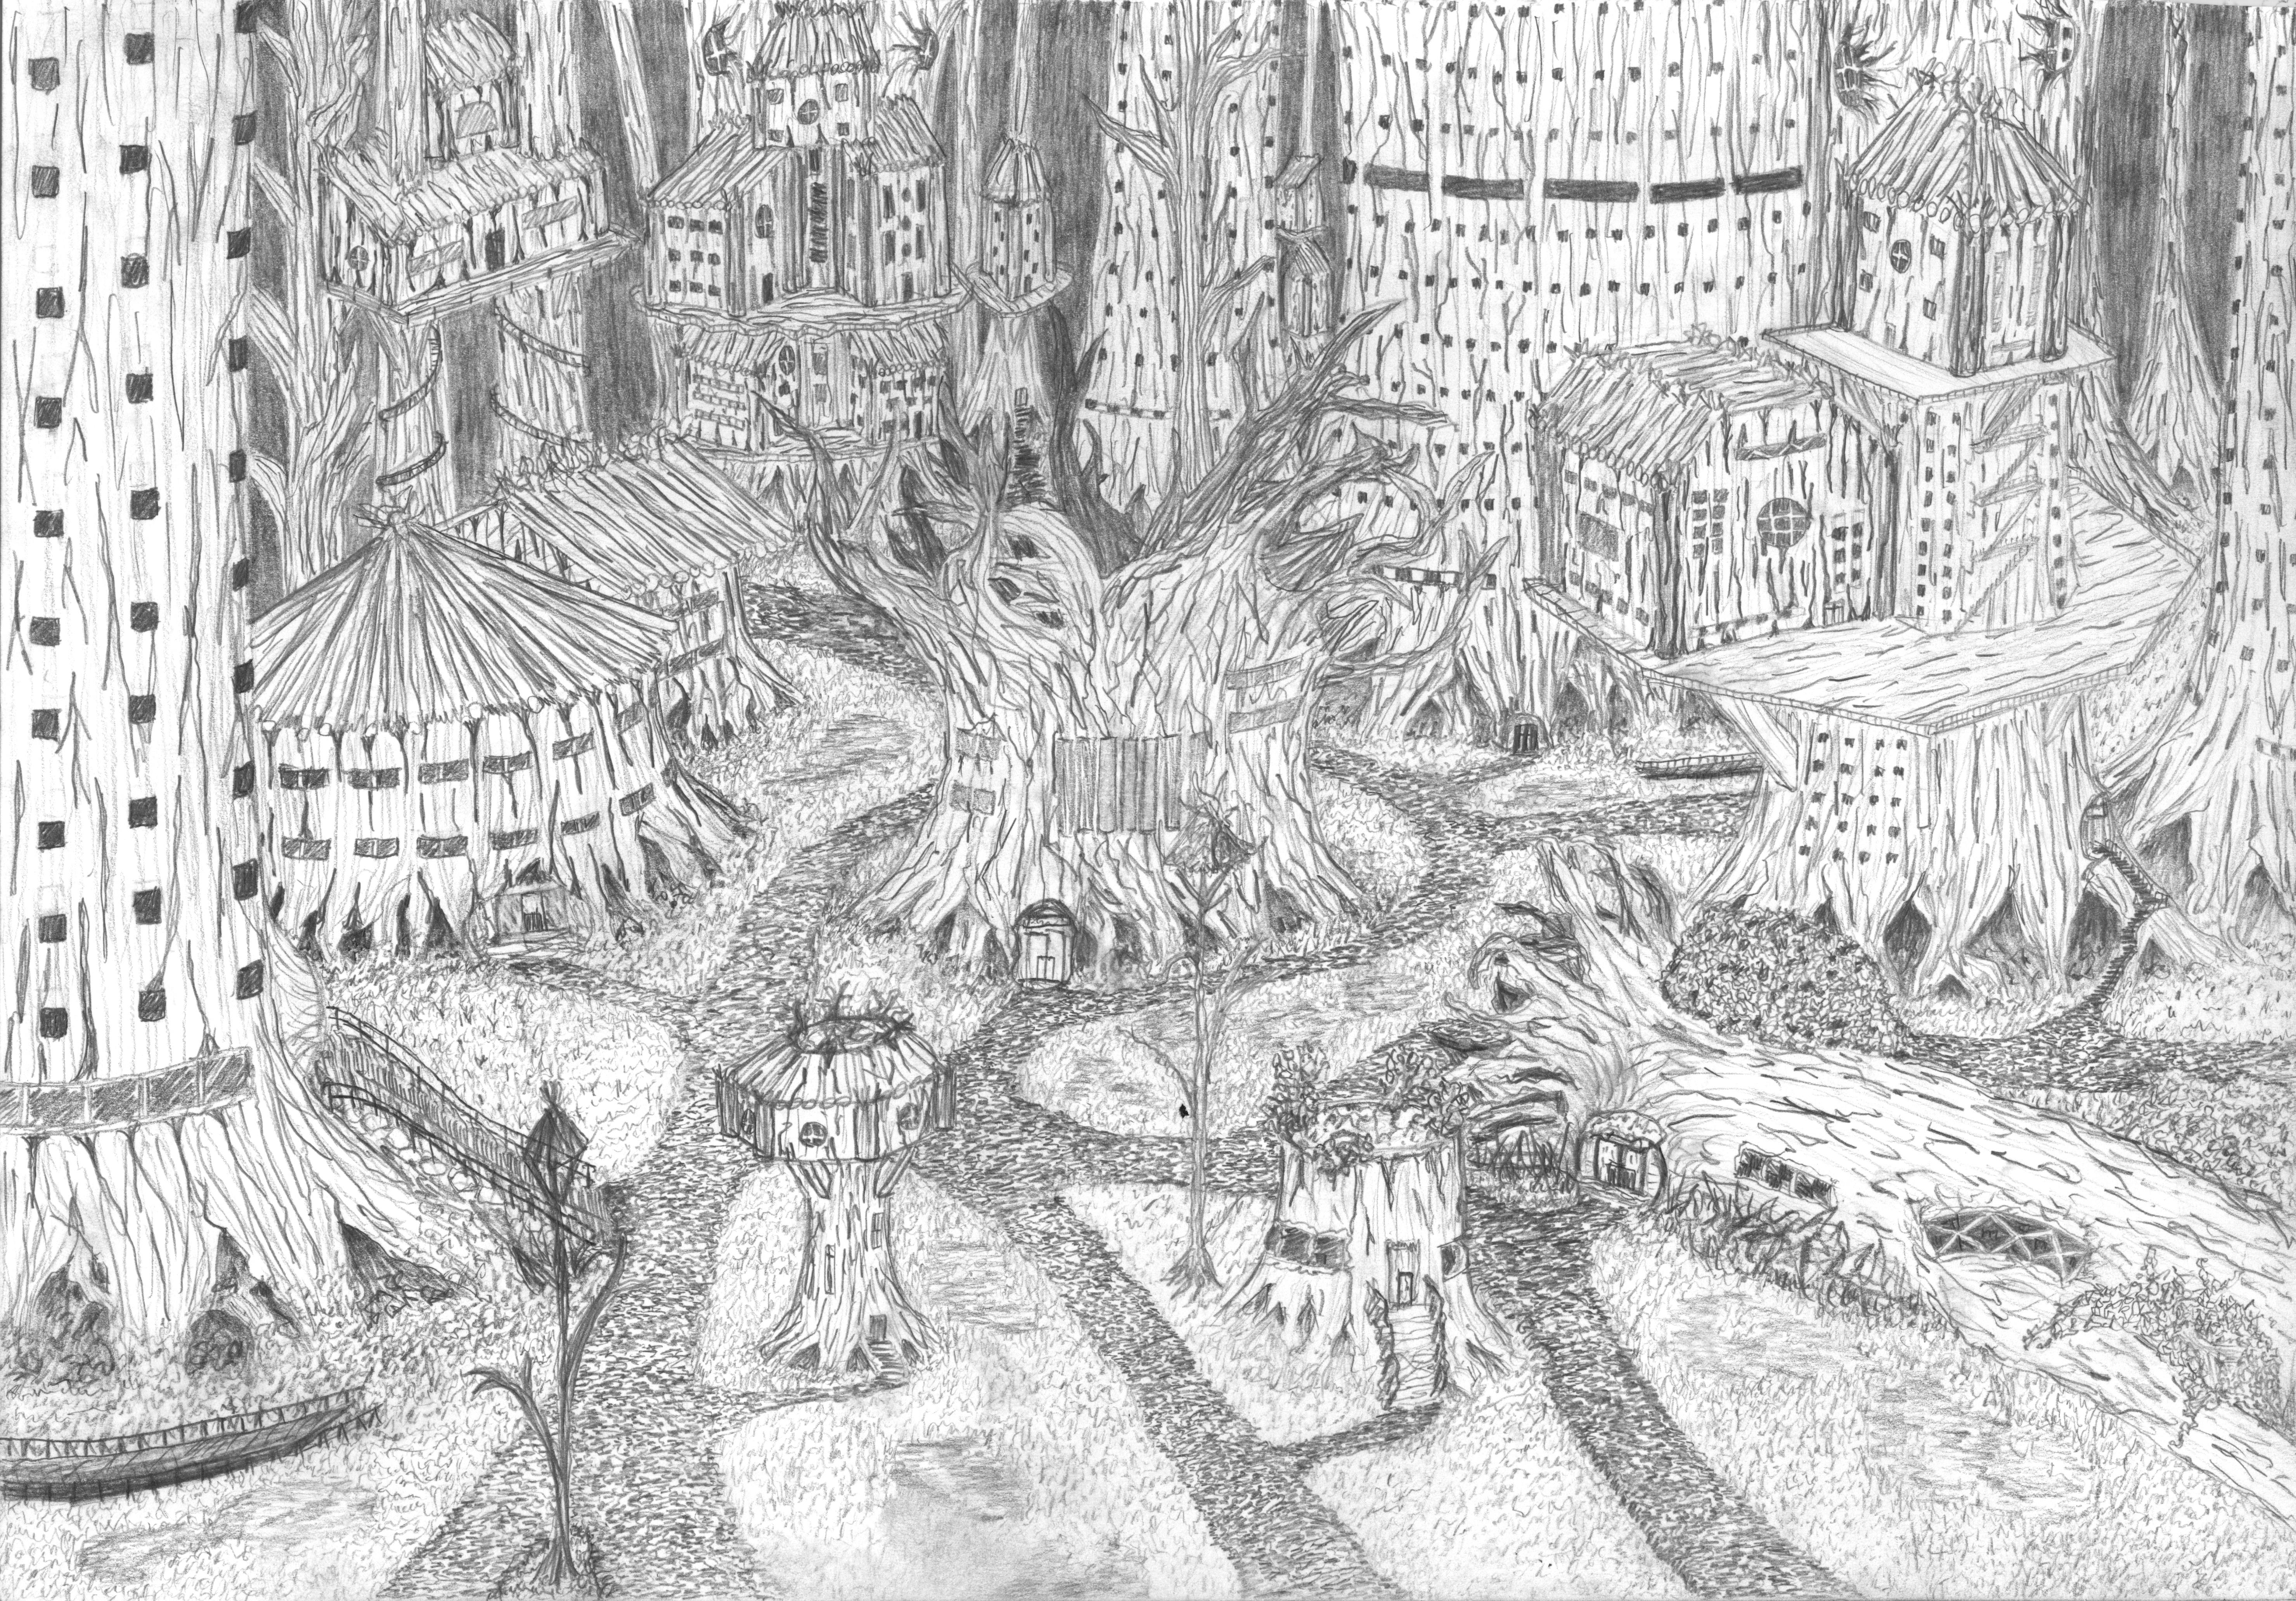 Hand drawn, fantasy, forest, village, scene, line art